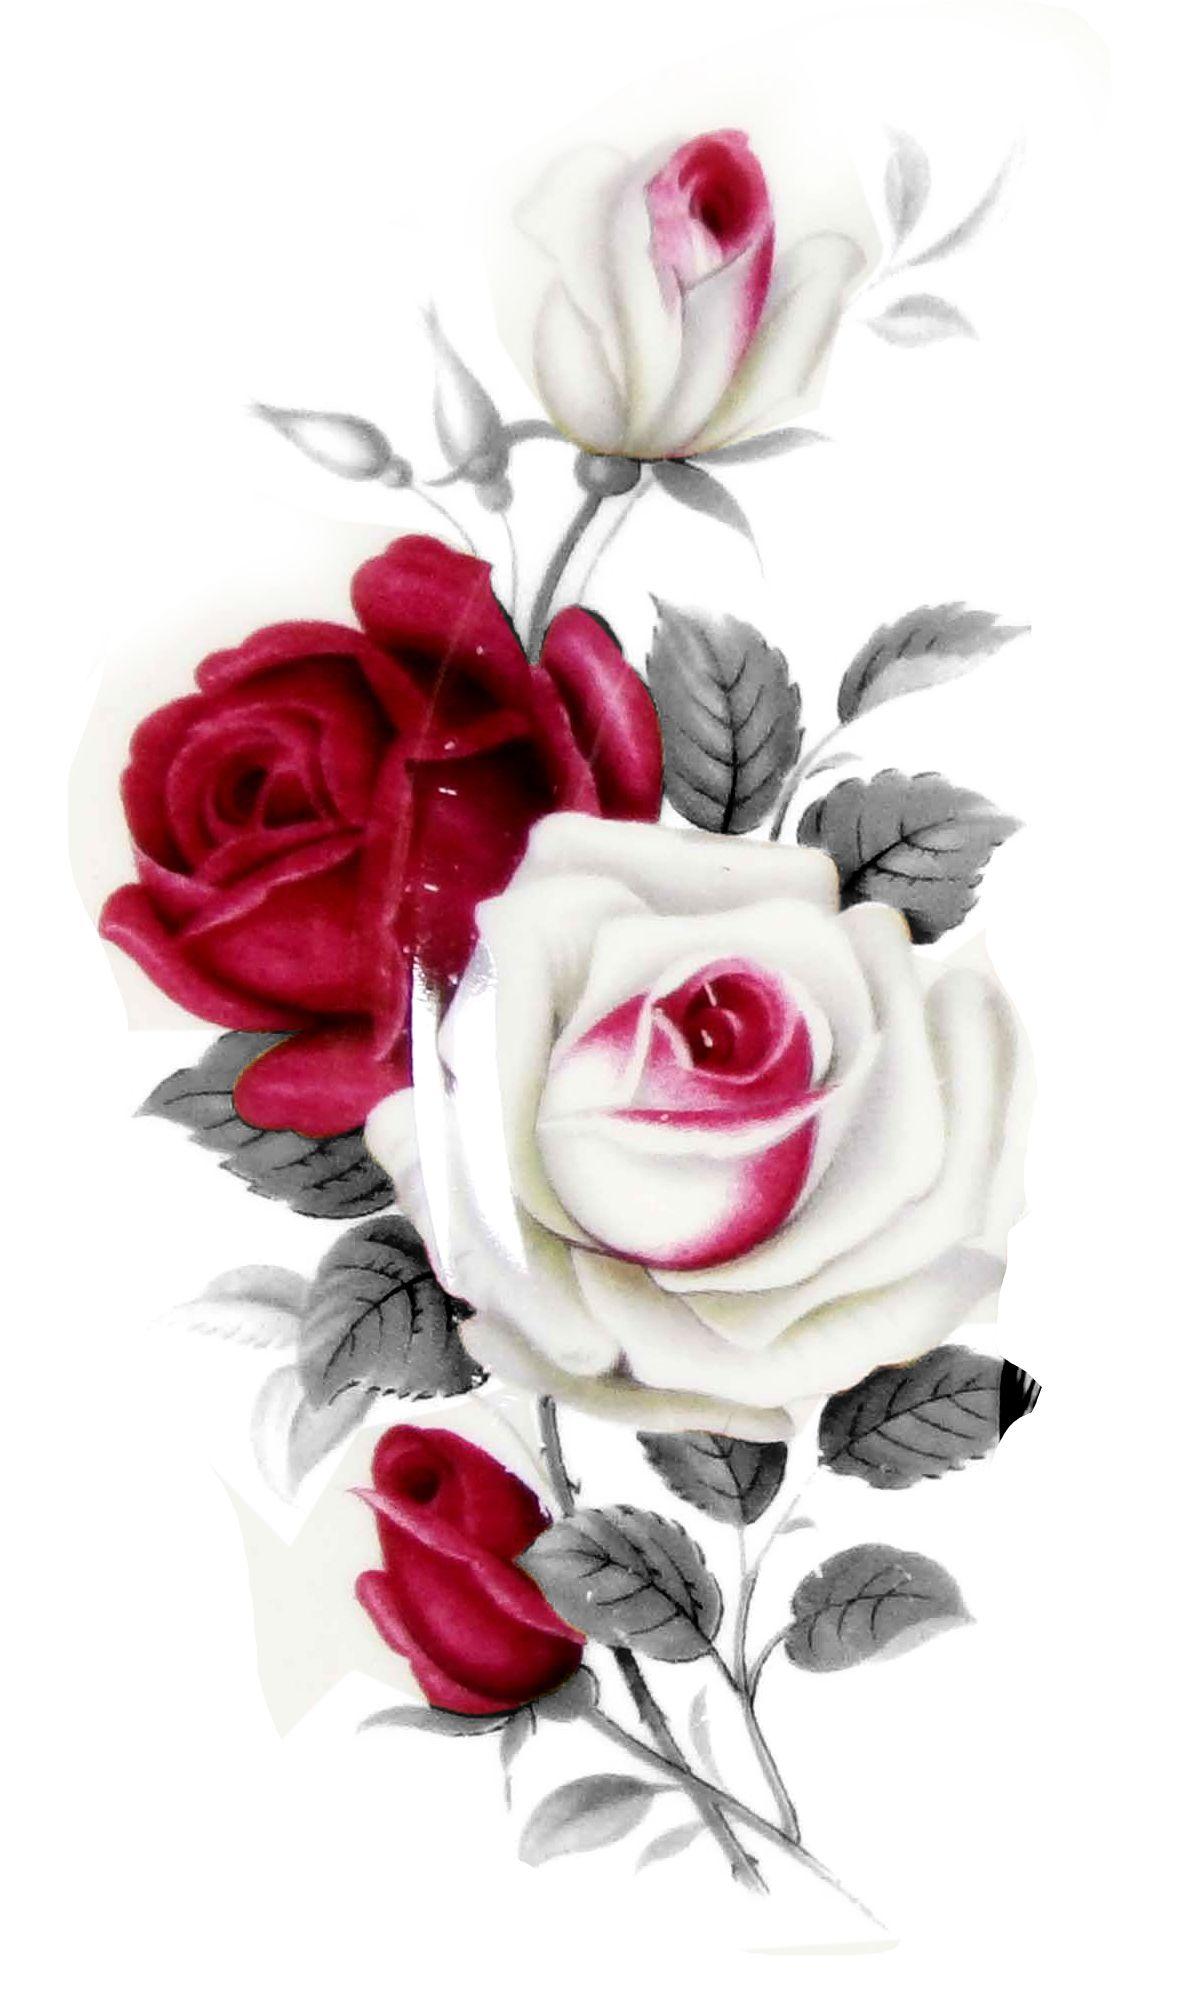 Vintage Painted Roses - One Of My Favorites.